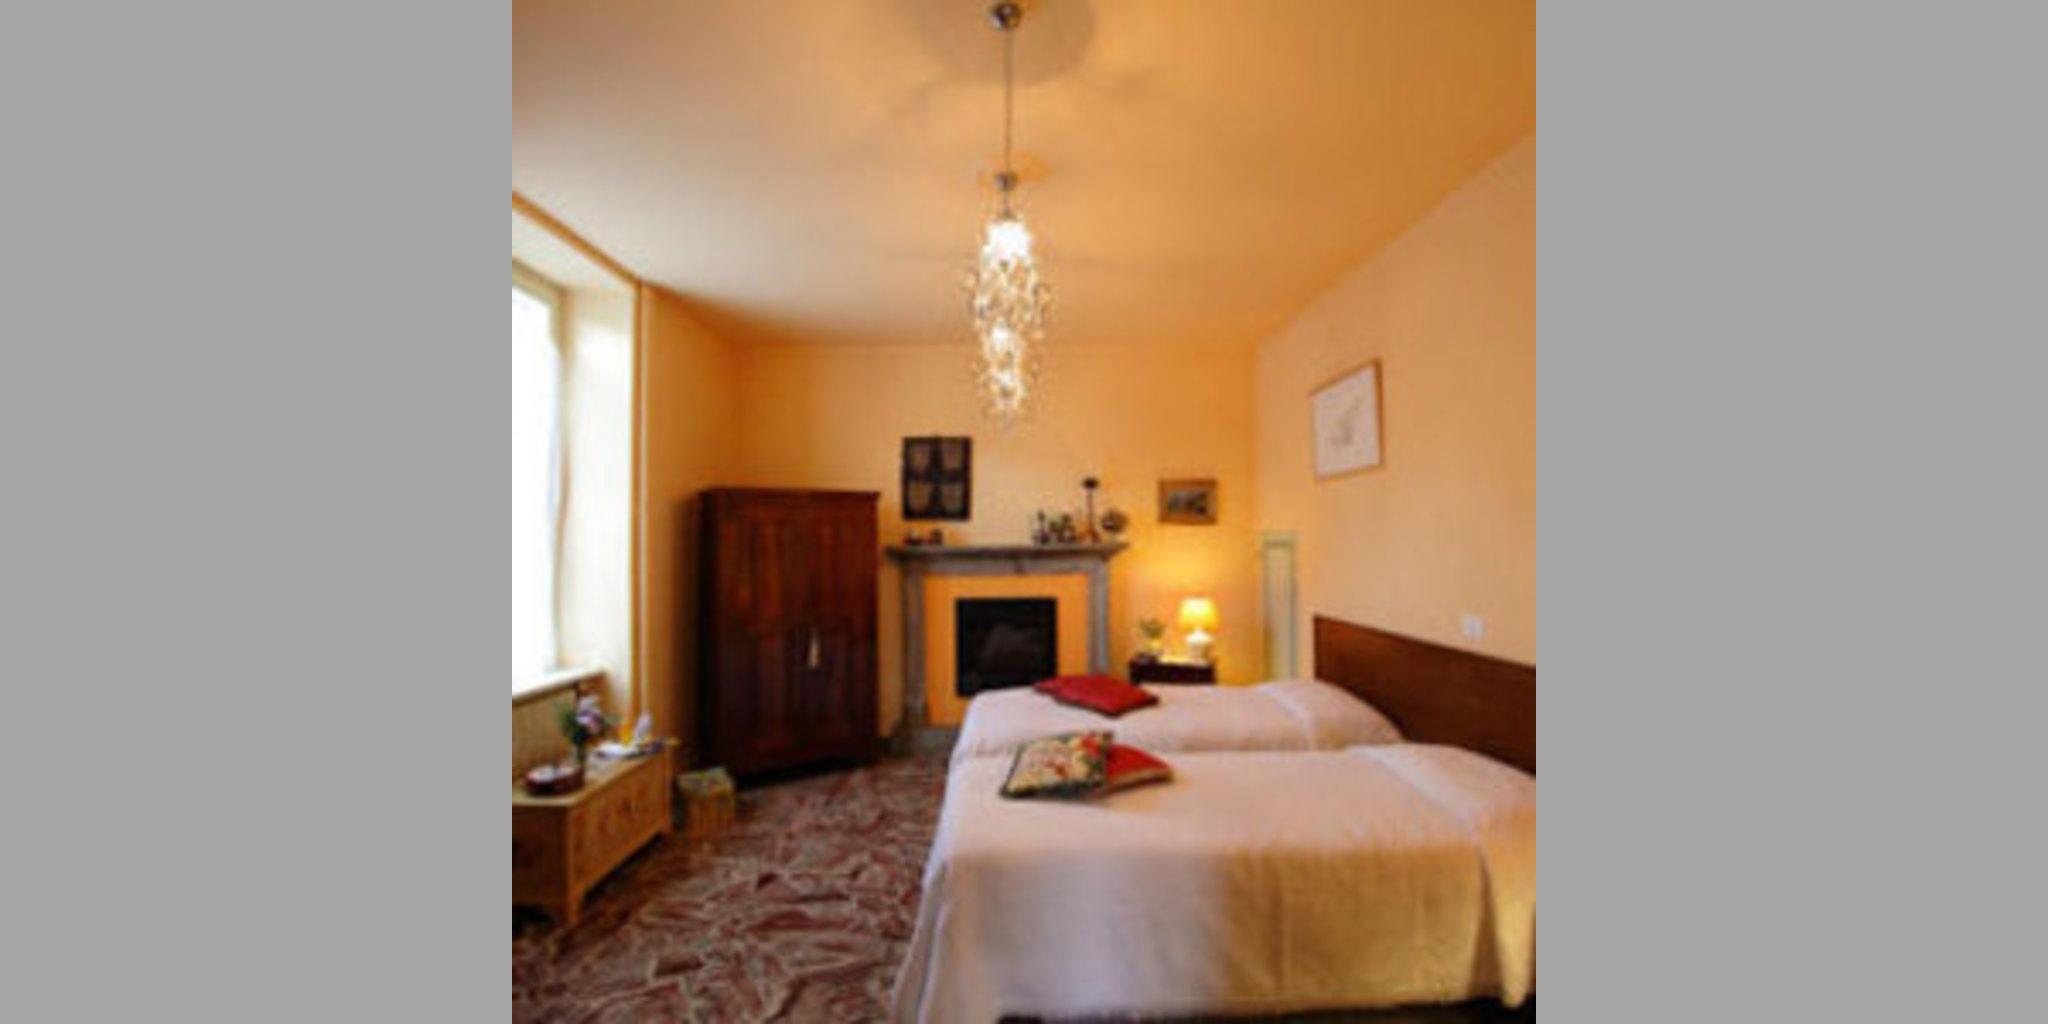 Bed & Breakfast Trescore Balneario - Trescore Balneario